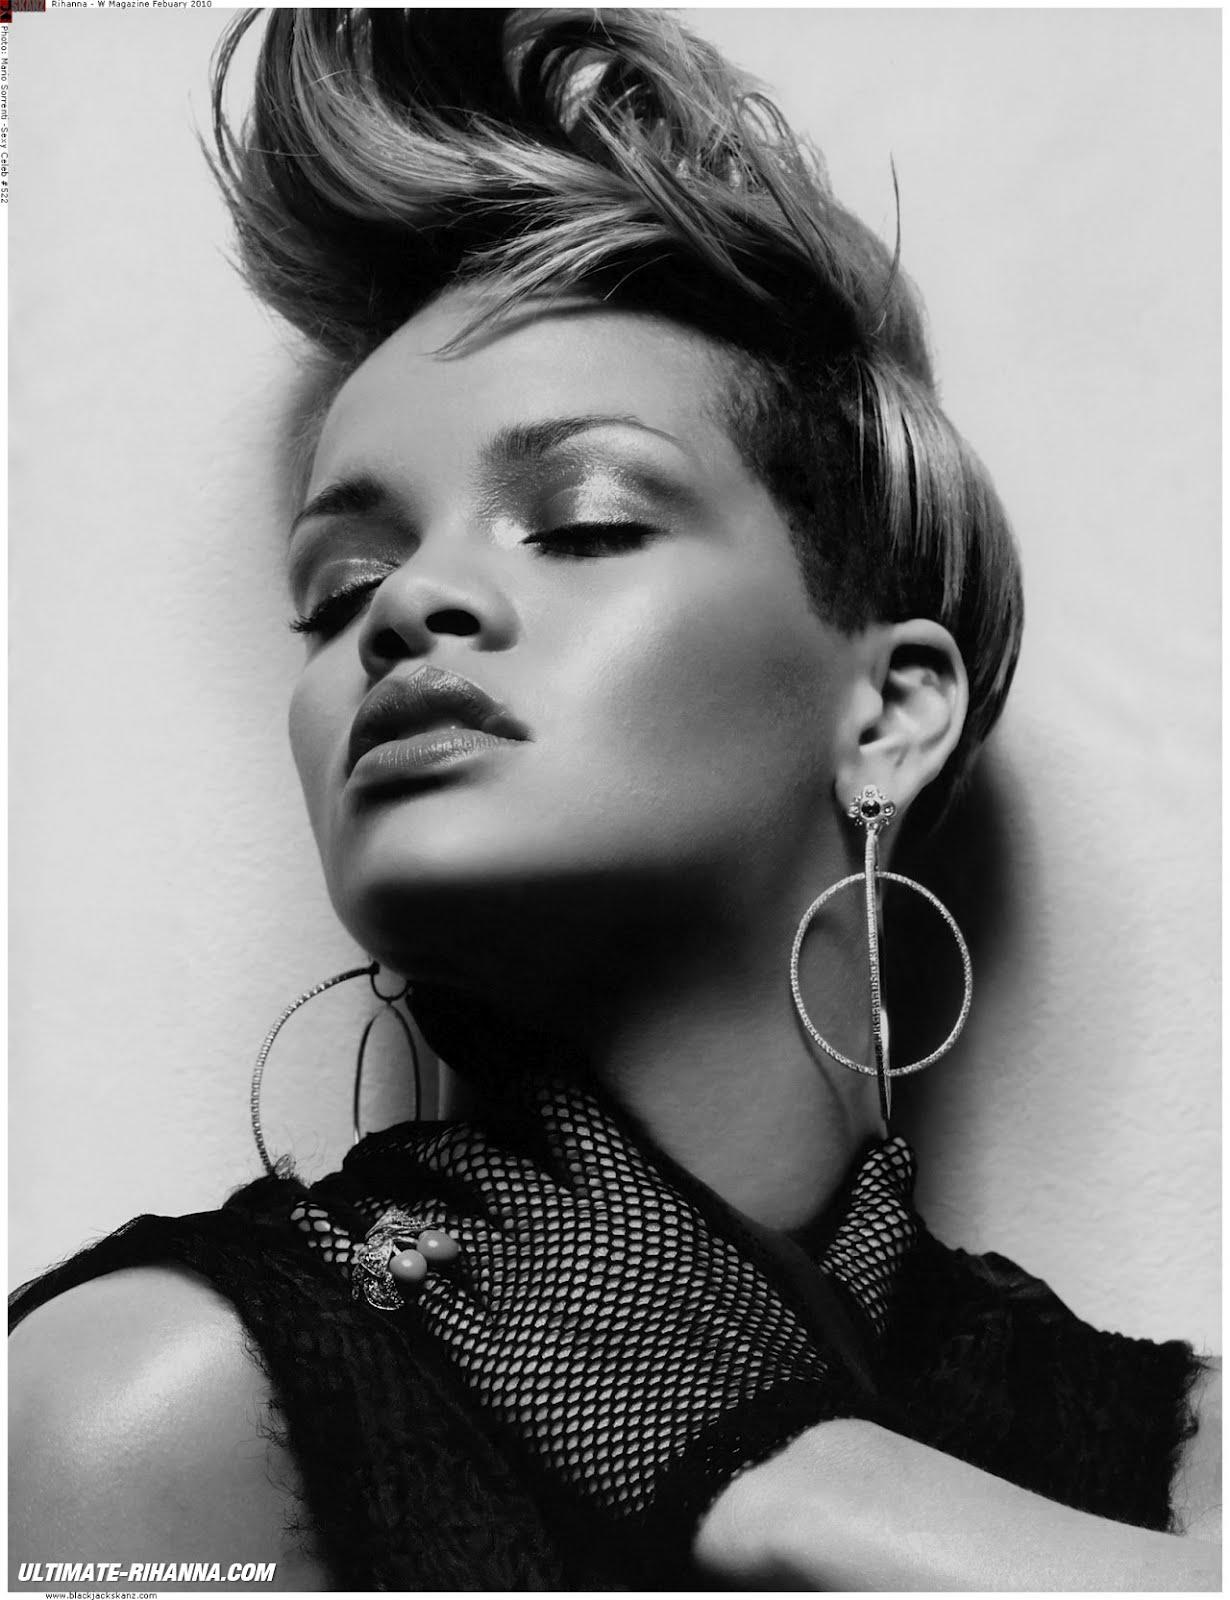 http://4.bp.blogspot.com/-FxseZACexNQ/T-AqCbRE3HI/AAAAAAAAAnE/WFjz8UdlgIA/s1600/Rihanna-sexy-1577550.jpg